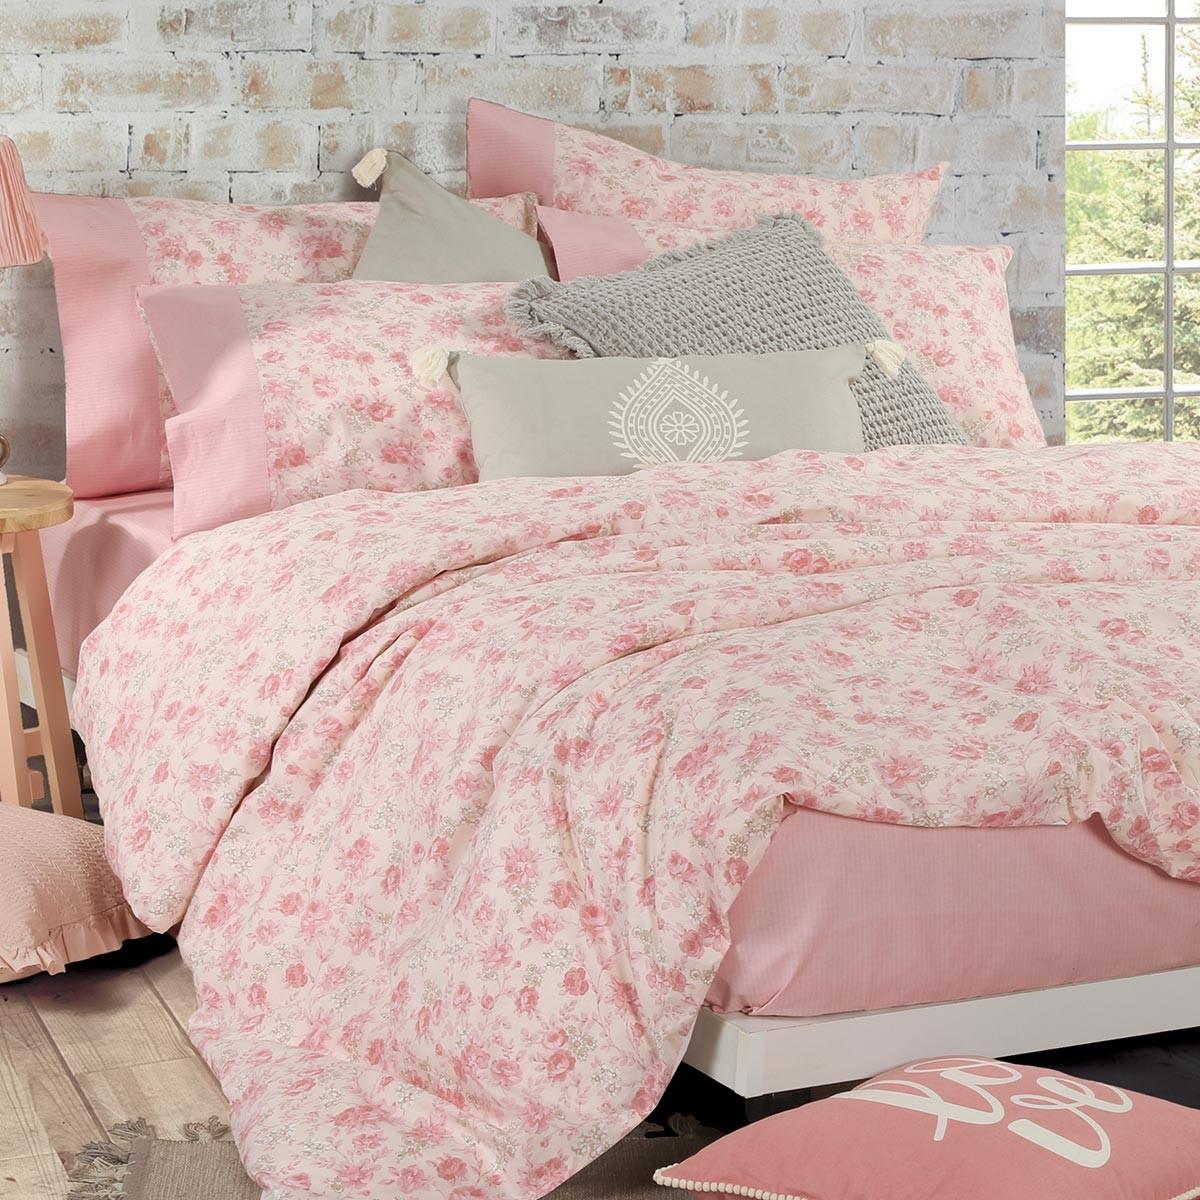 Σεντόνια Διπλά (Σετ) Nef-Nef Smart Line Garlant Pink 67607